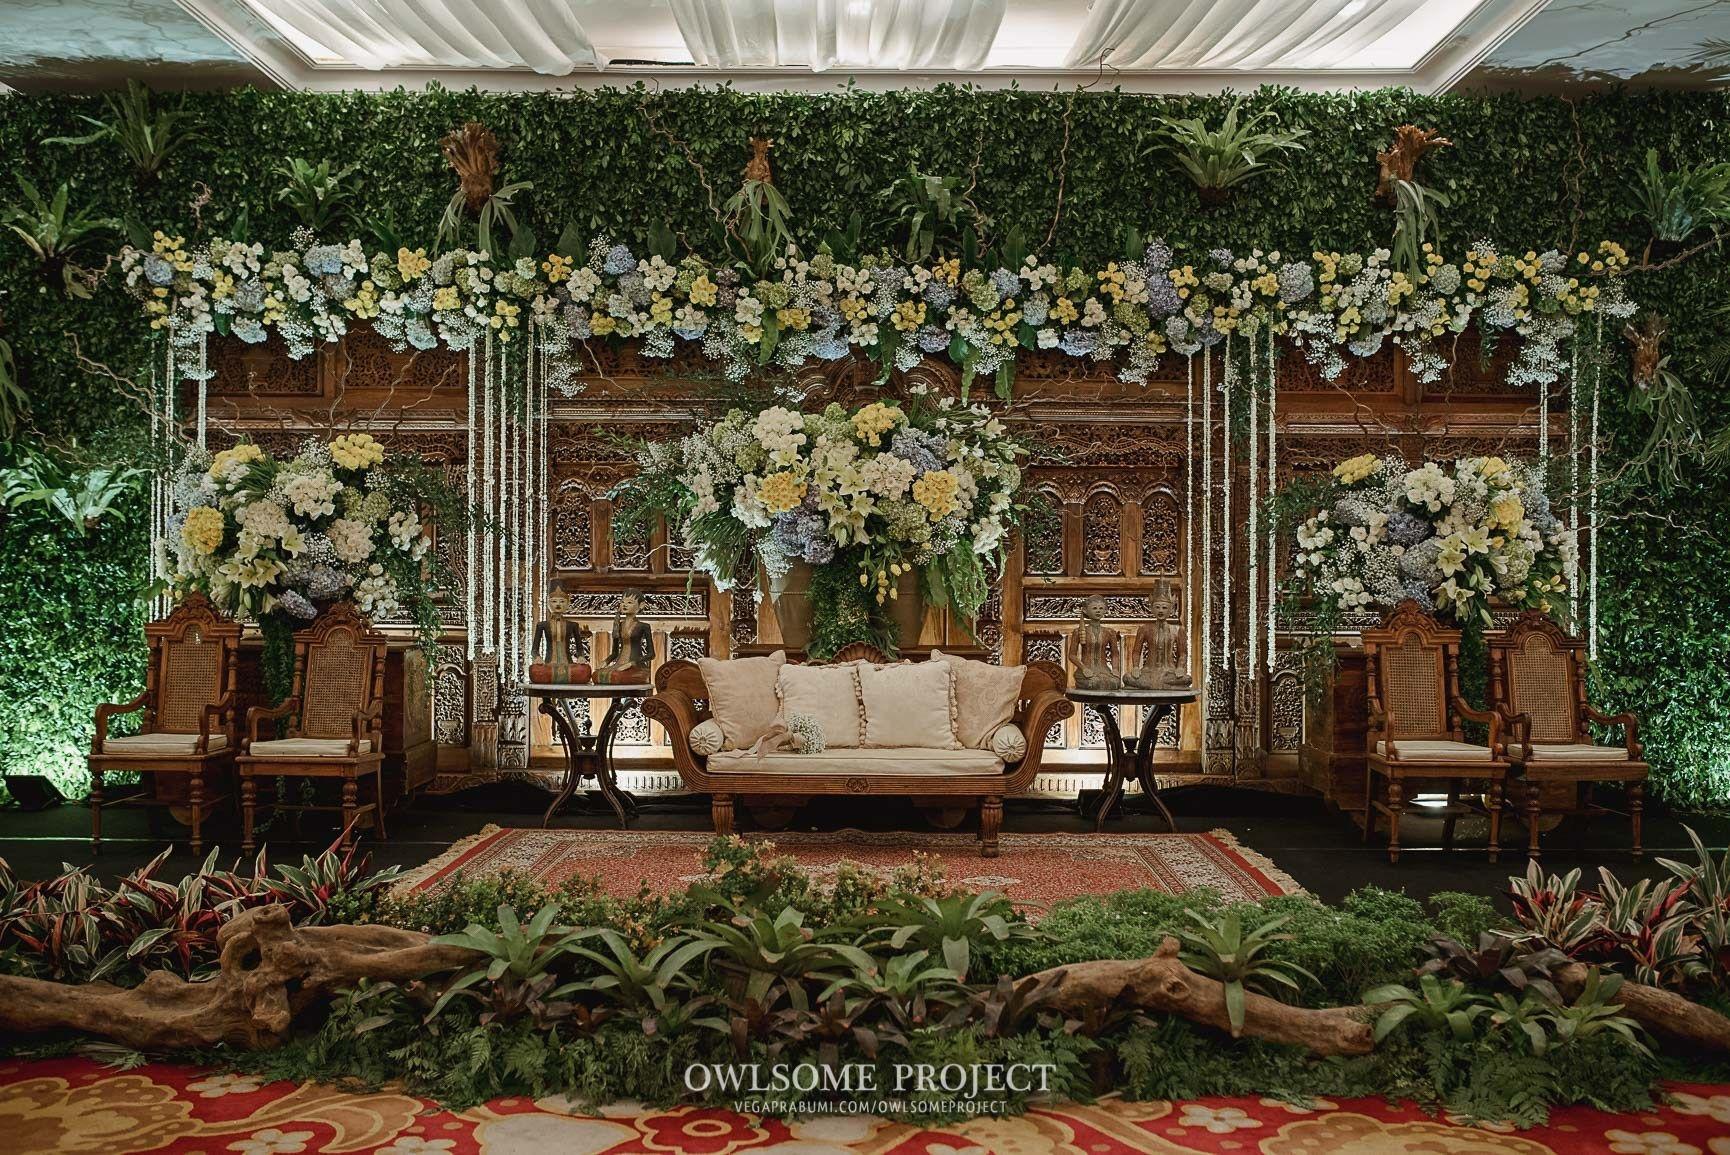 Pernikahan Dengan Konsep Jawa Rustic Di Balai Kartini Owlsome 19 Of 32 Latar Belakang Pernikahan Dekorasi Pernikahan Tradisional Tempat Pernikahan